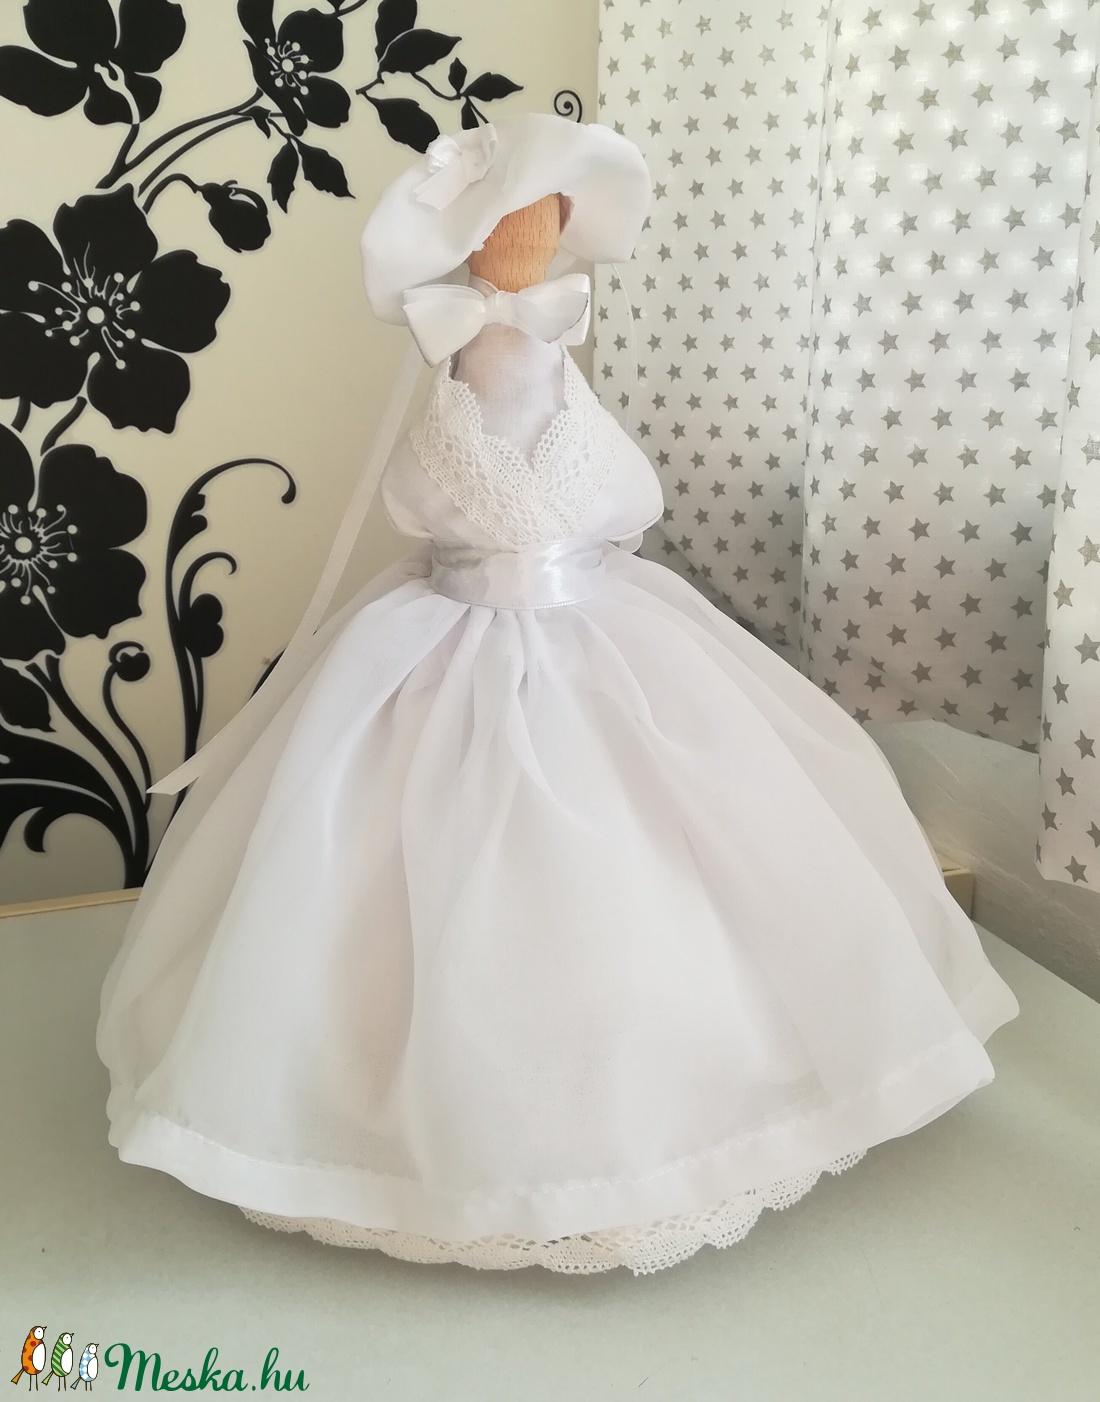 Próba baba - esküvő - dekoráció - asztaldísz - Meska.hu